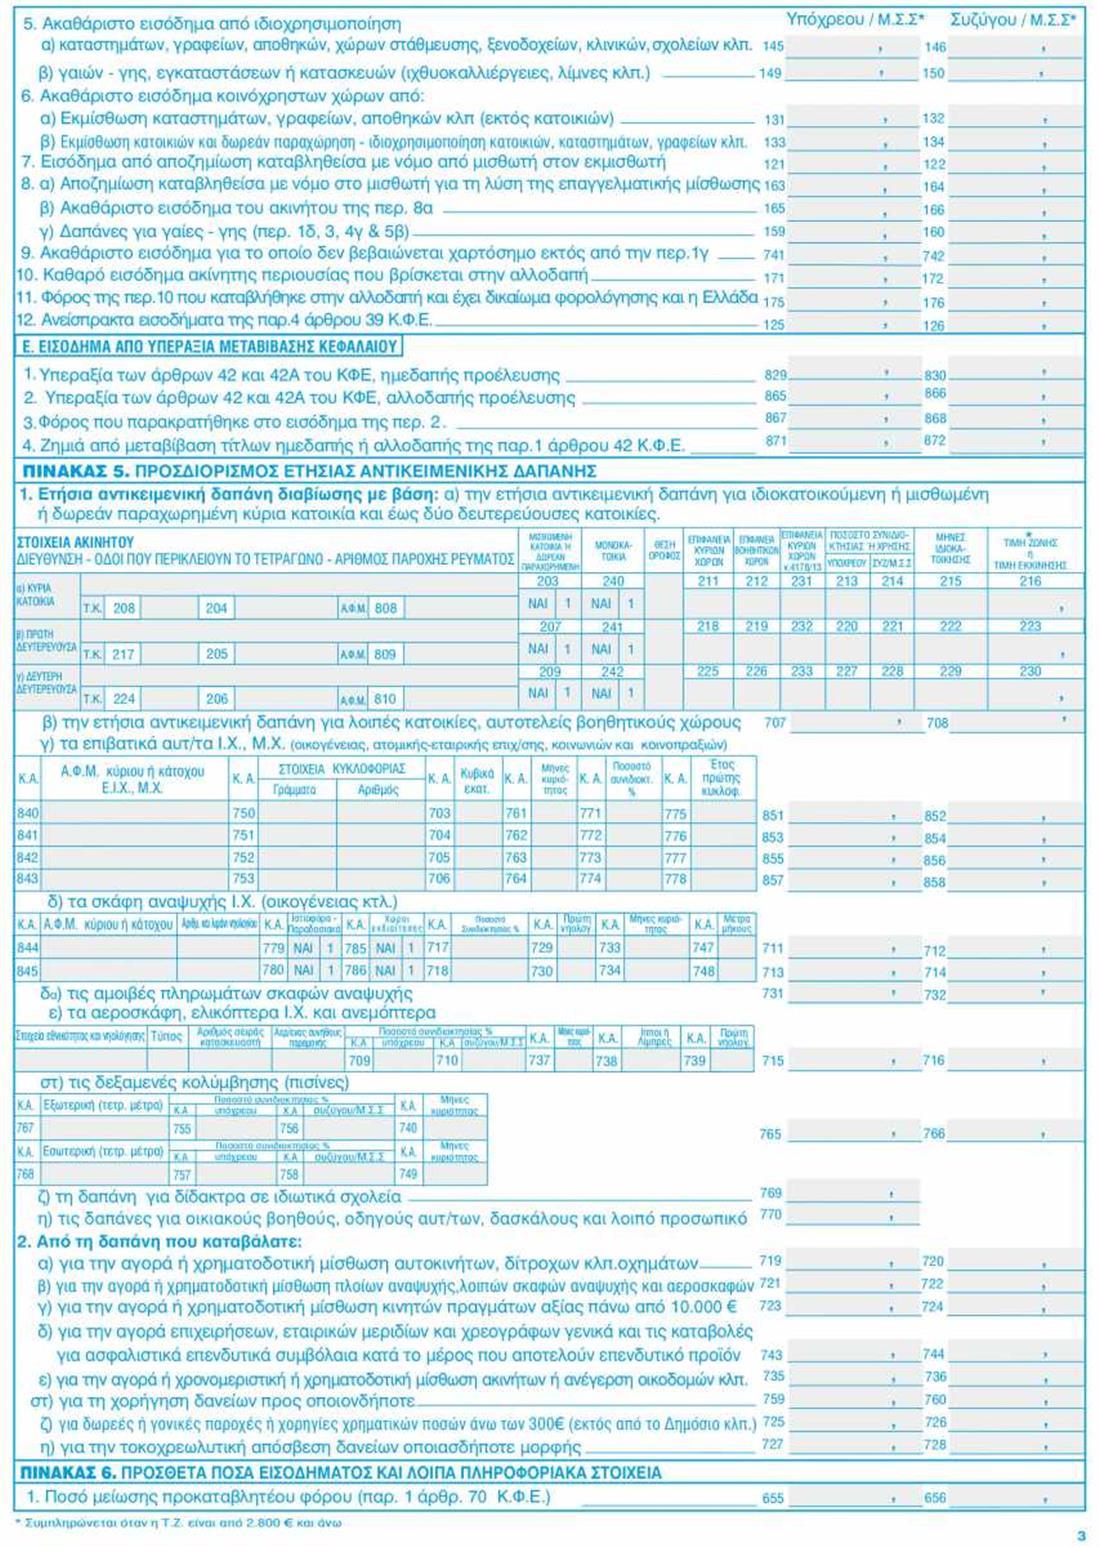 Φορολογικές δηλώσεις 2021 - Ε1 - σελ3